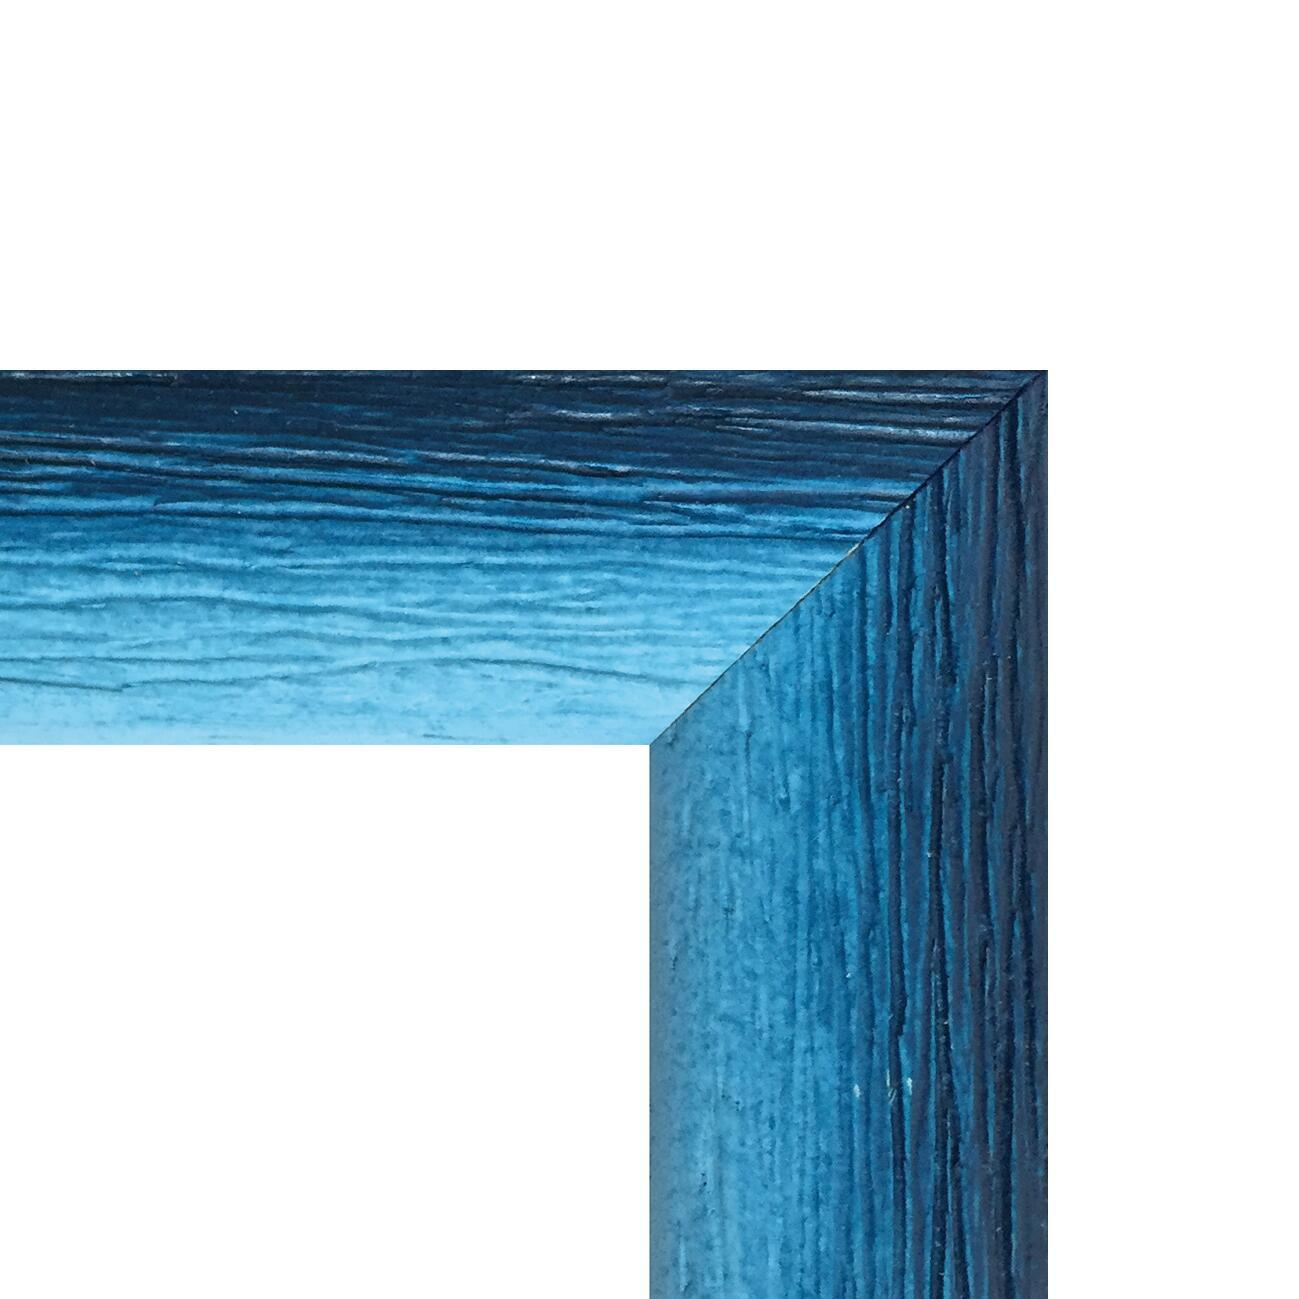 Cornice INSPIRE Bicolor azzurro<multisep/>blu per foto da 21x29.7(A4) cm - 2